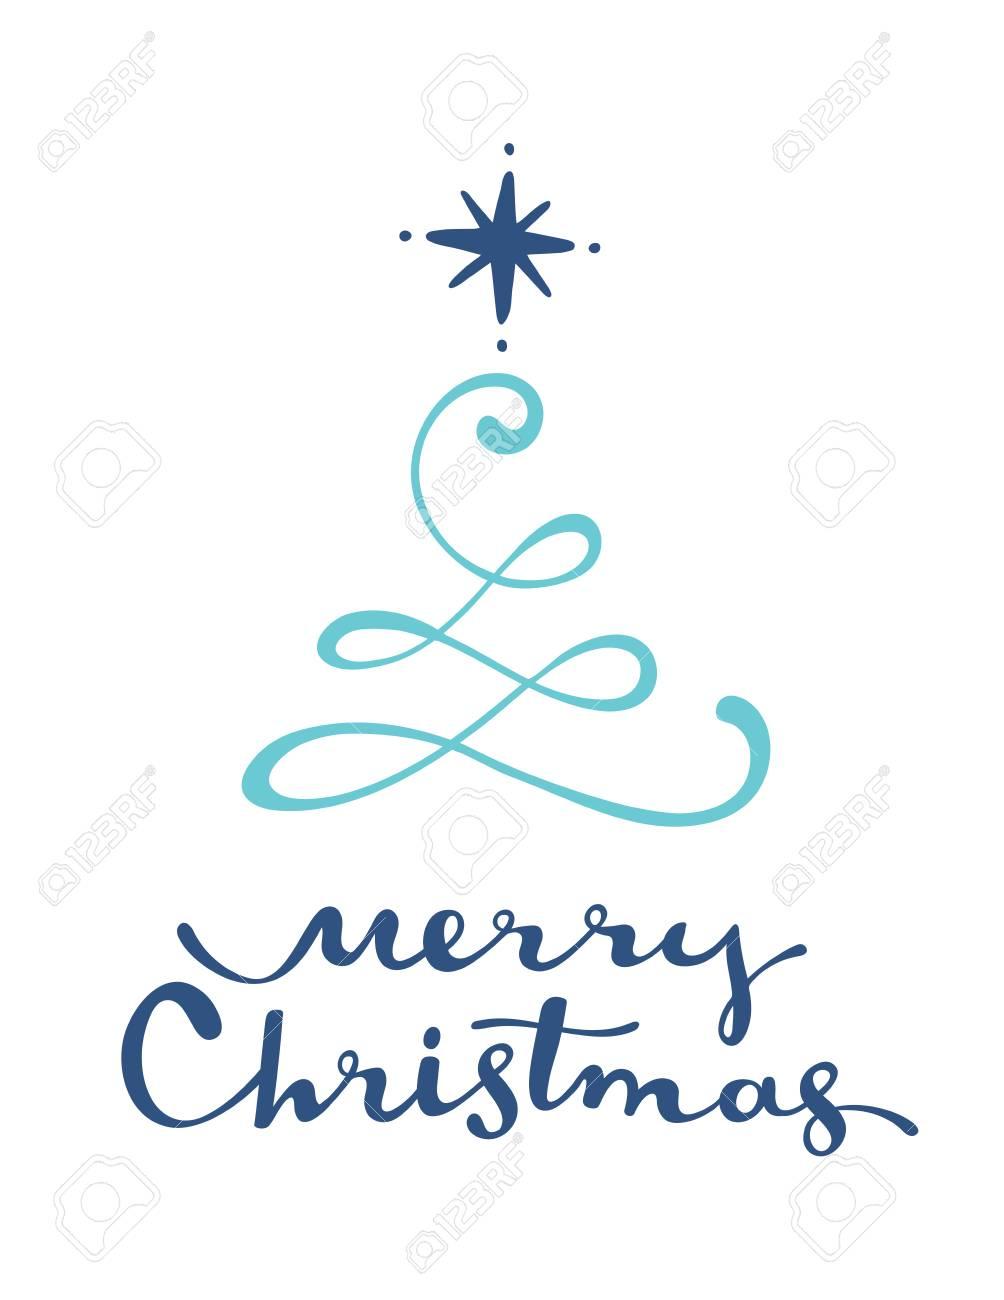 Disegni Di Natale Vettoriali.Disegni Di Alberi Di Natale Stilizzati Albero Di Vettore Di Natale